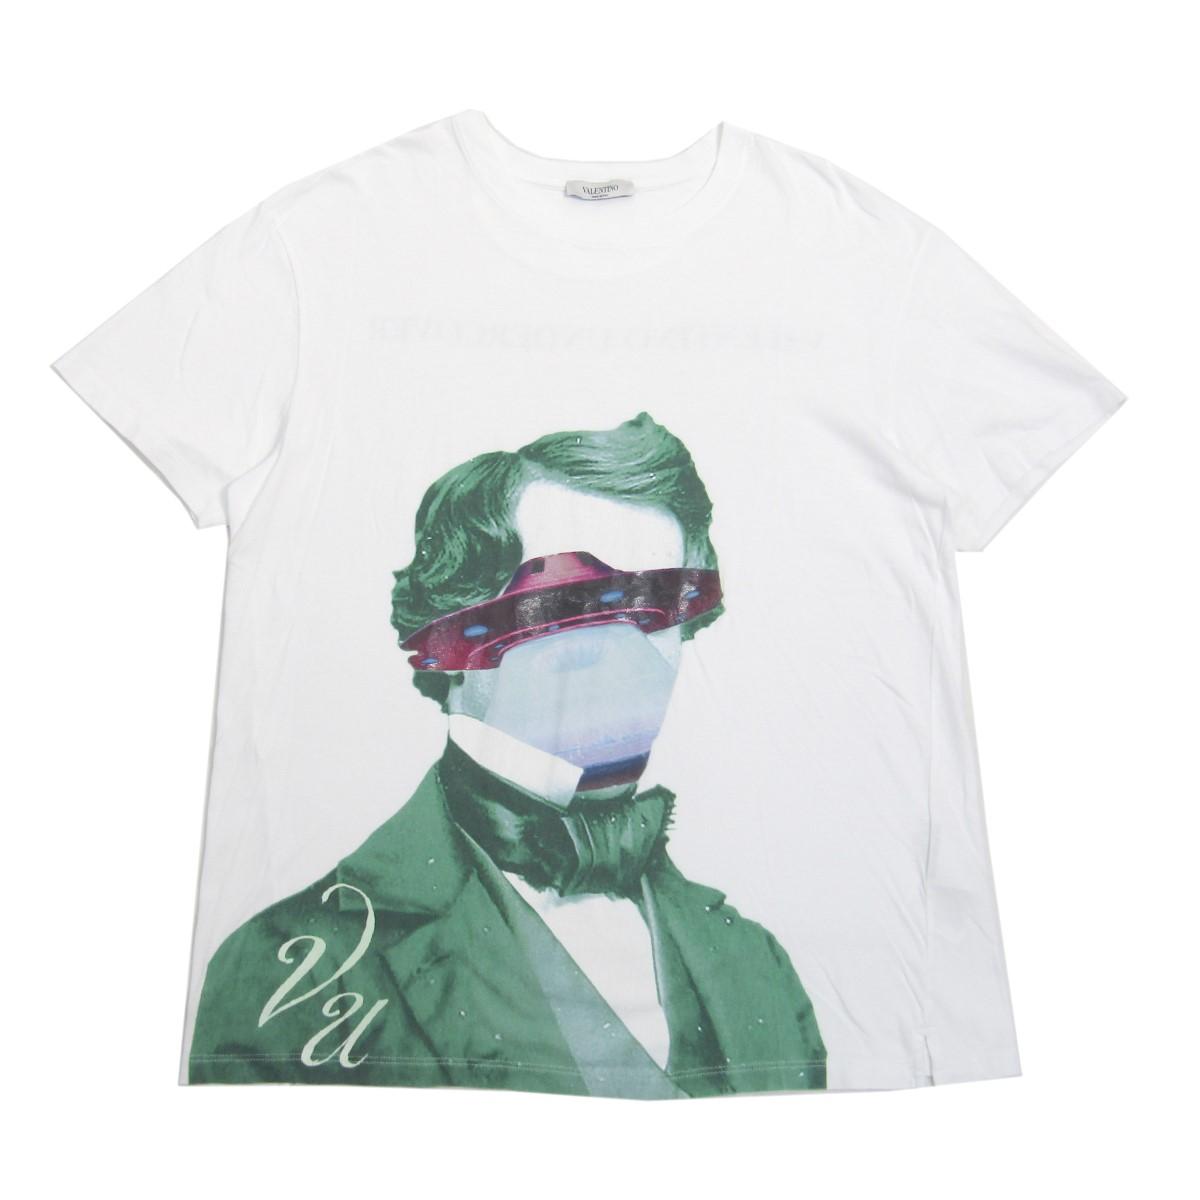 ヴァレンチノ × アンダーカバー 中古 VALENTINO UNDERCOVER2019AW V face UFO print 8月2日見直し T-Shirt サイズ:S 舗 2020 新作 ホワイト 半袖プリントTシャツ